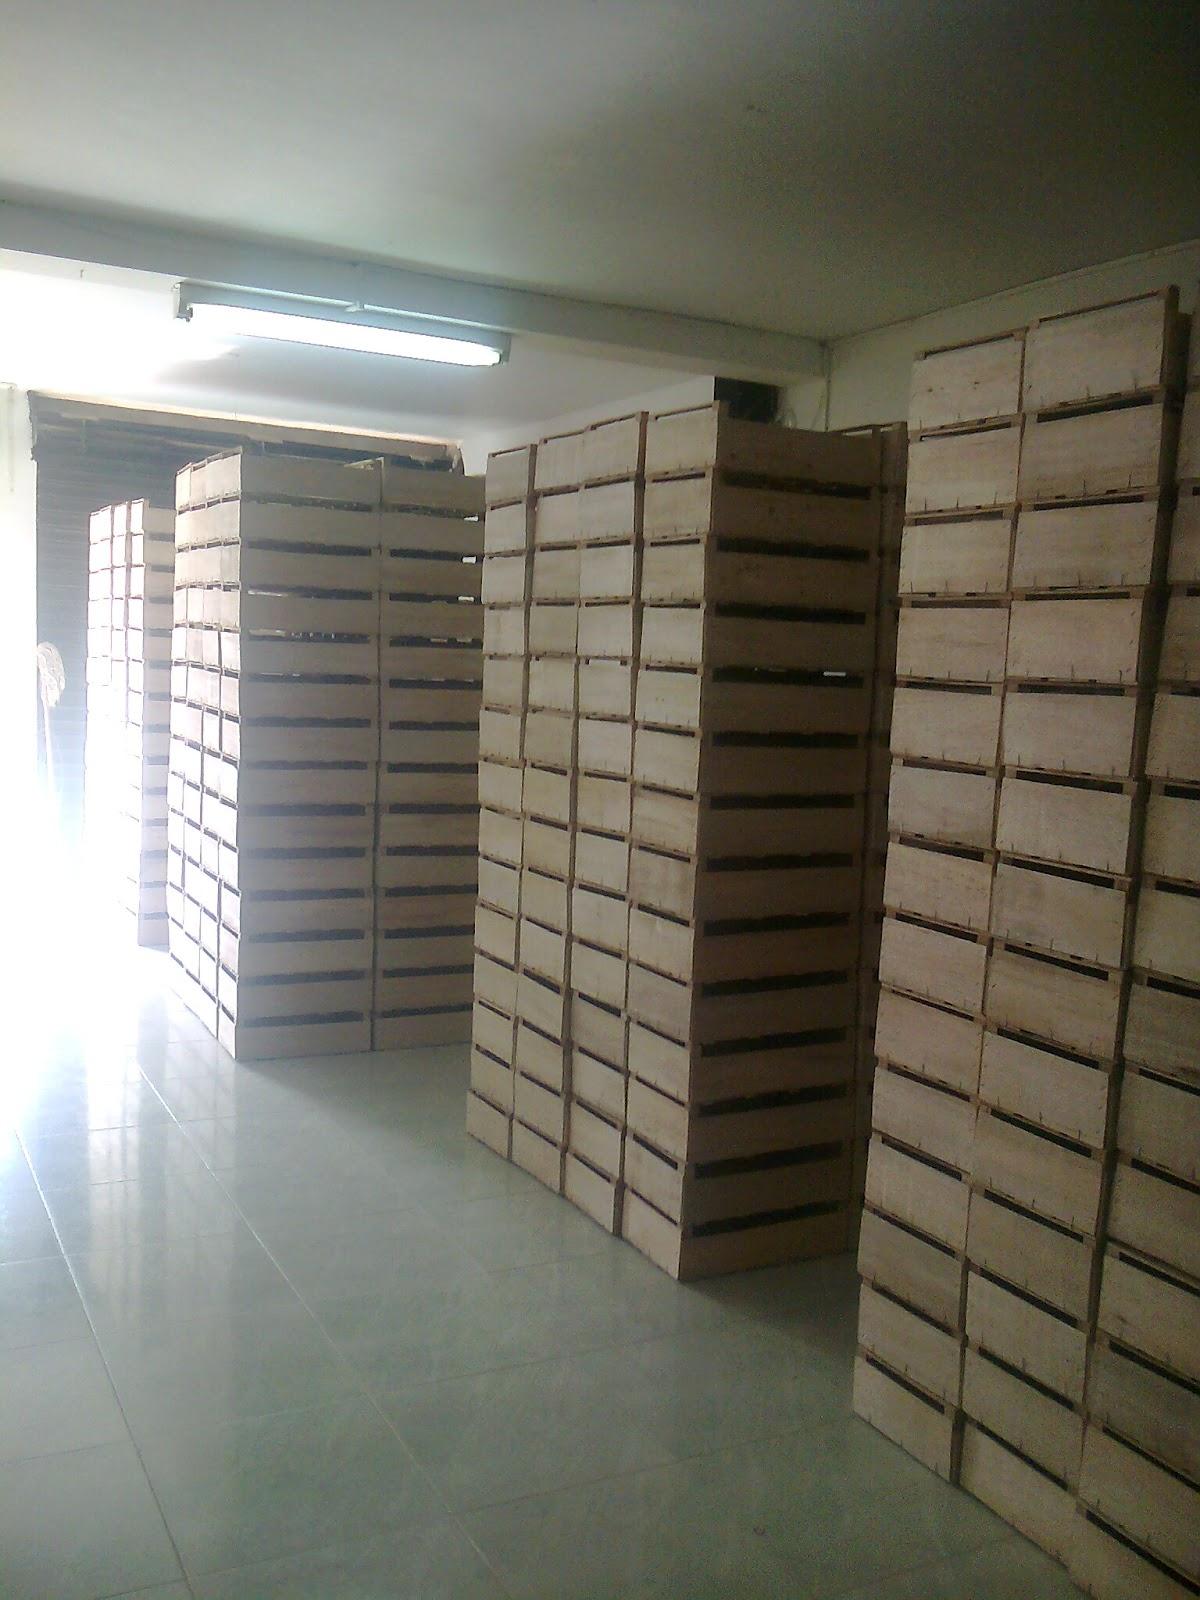 Donde comprar cajas de fruta de madera ideas para - Donde conseguir cajas de madera ...